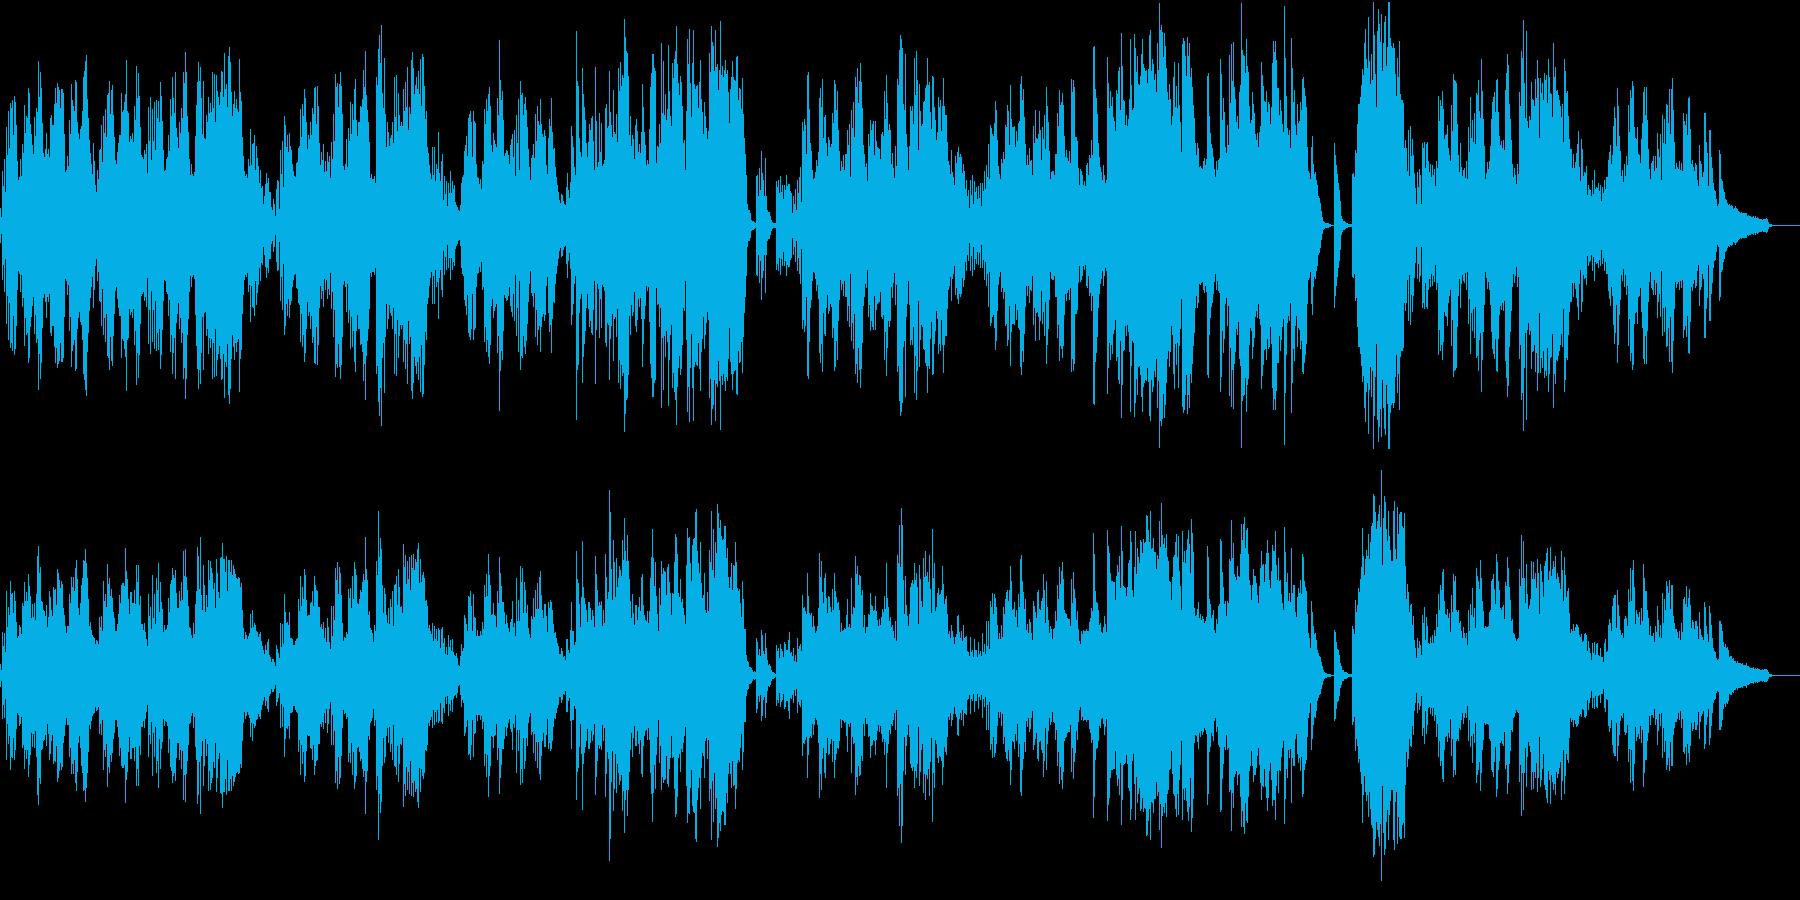 ベートーヴェンのピアノ曲の再生済みの波形